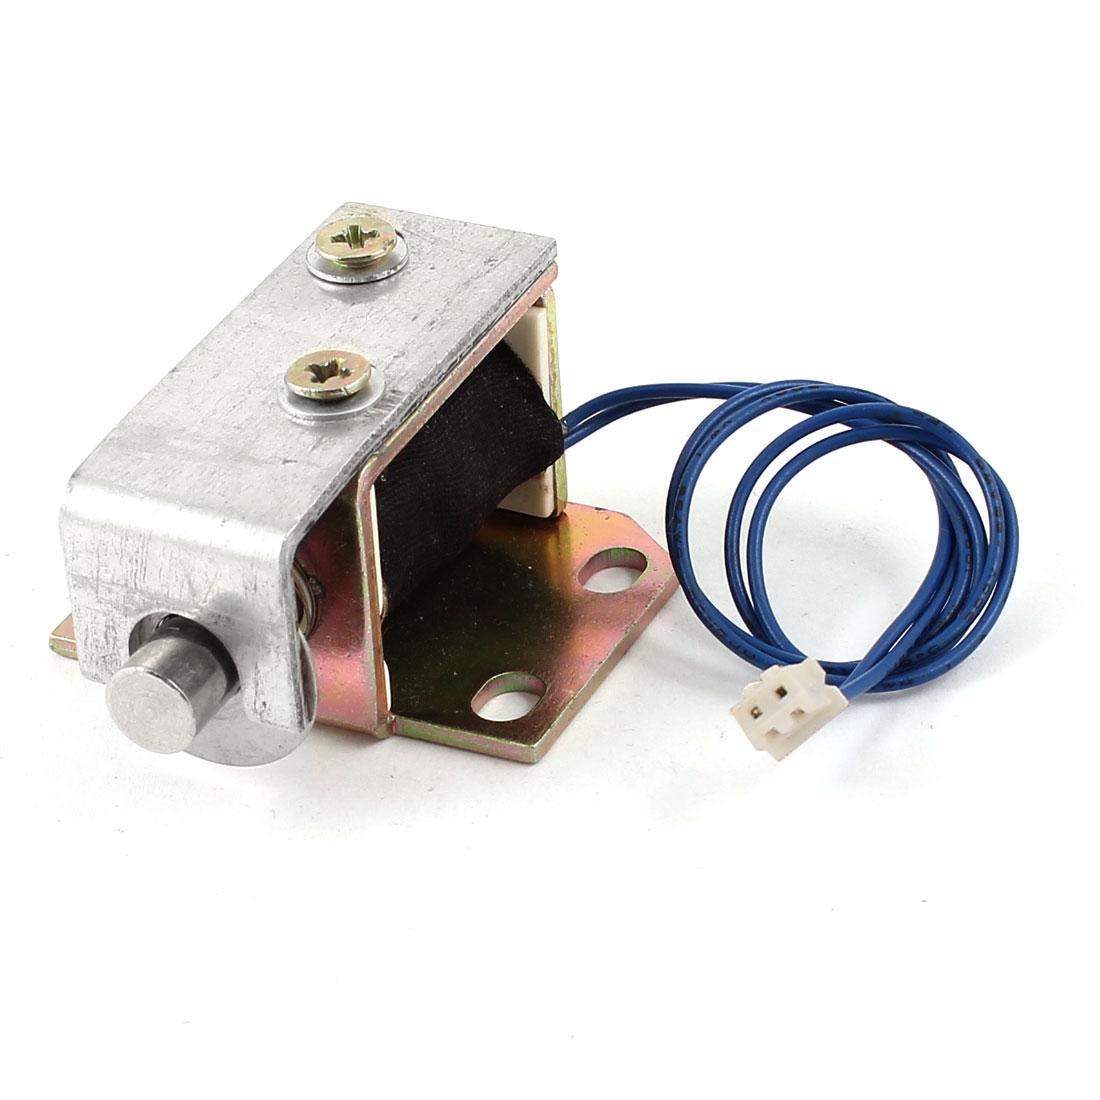 DC 24V 1.2A 28.8W 2mm 850g 5mm 500g Pull Type Open Frame Linear Motion Solenoid Electromagnet Actuatora